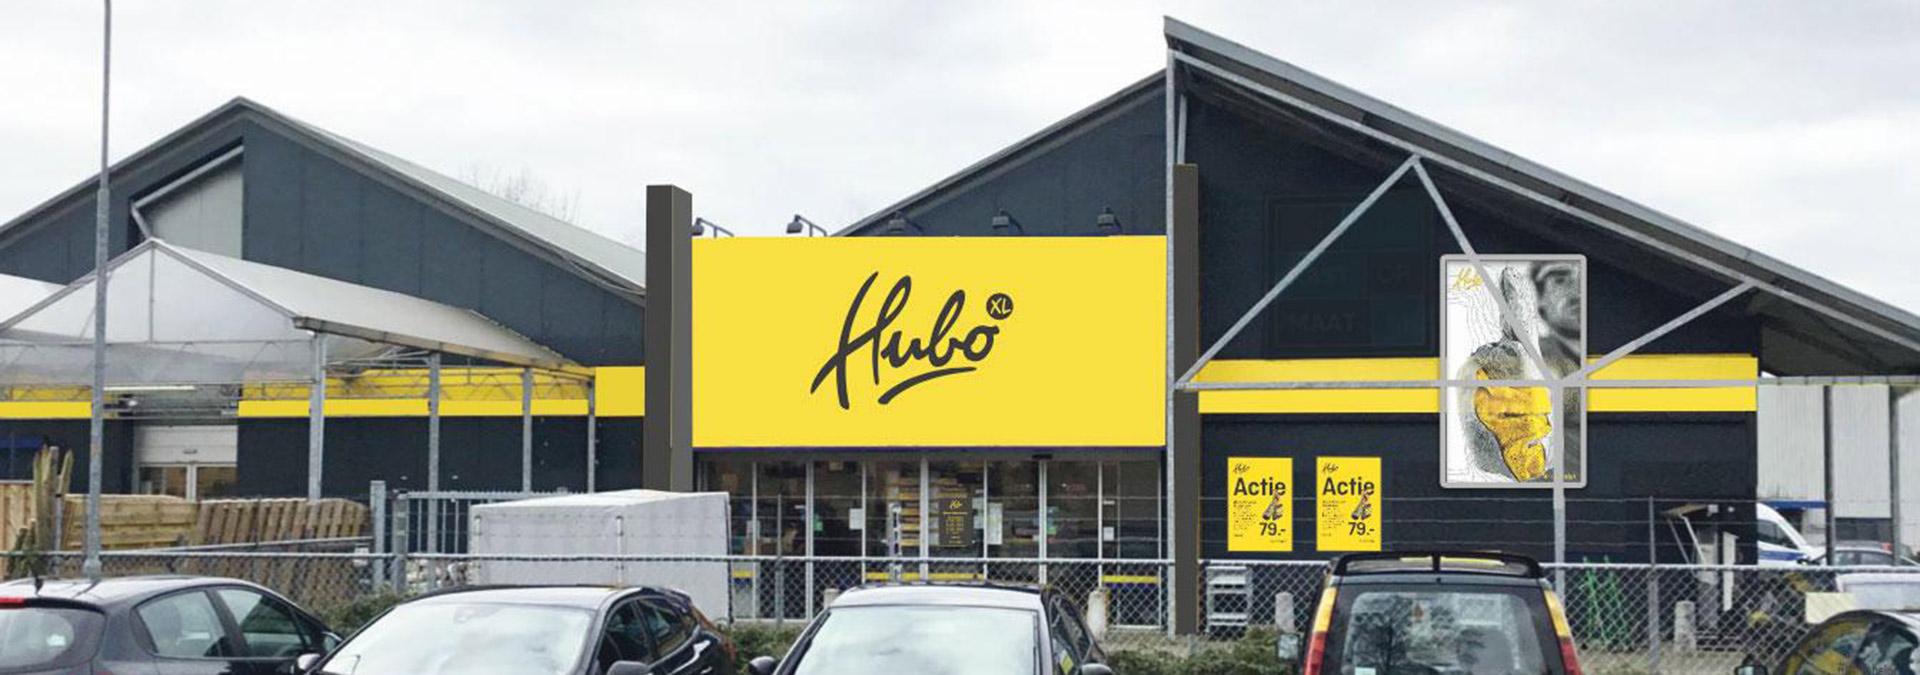 Hubo & Decorette Groenlo